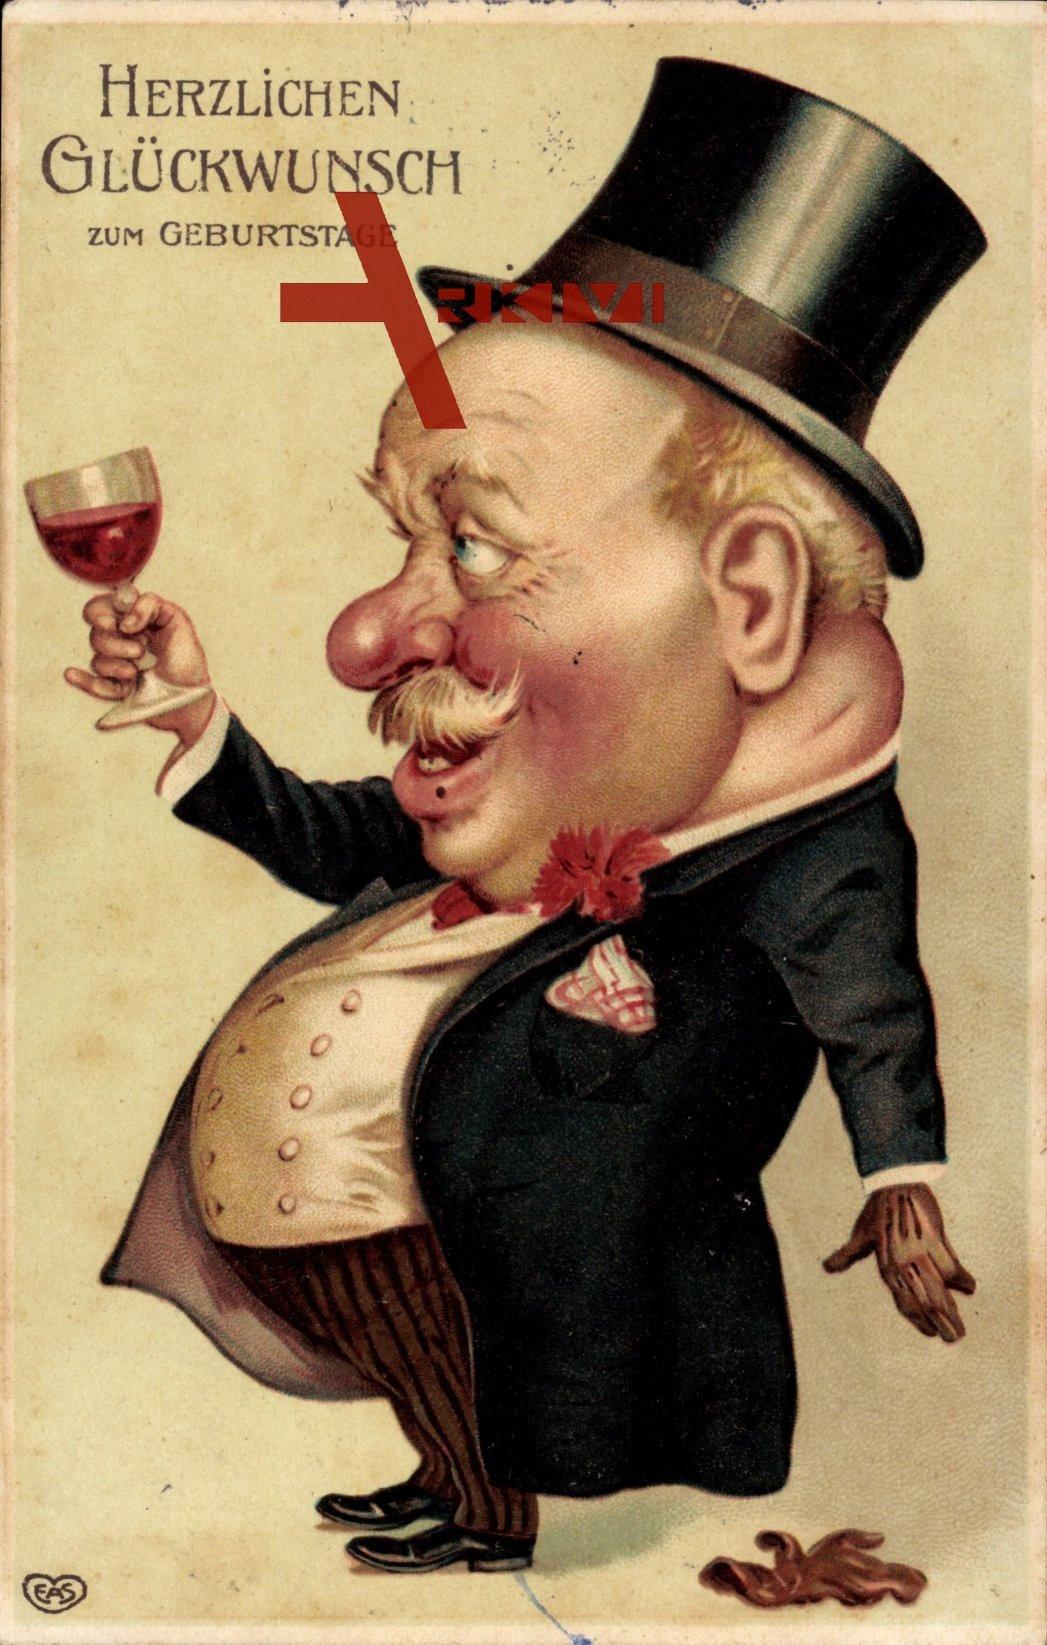 Mann Geburtstagsbilder  Glückwunsch Geburtstag Mann hält Weinglas hoch Zylinder